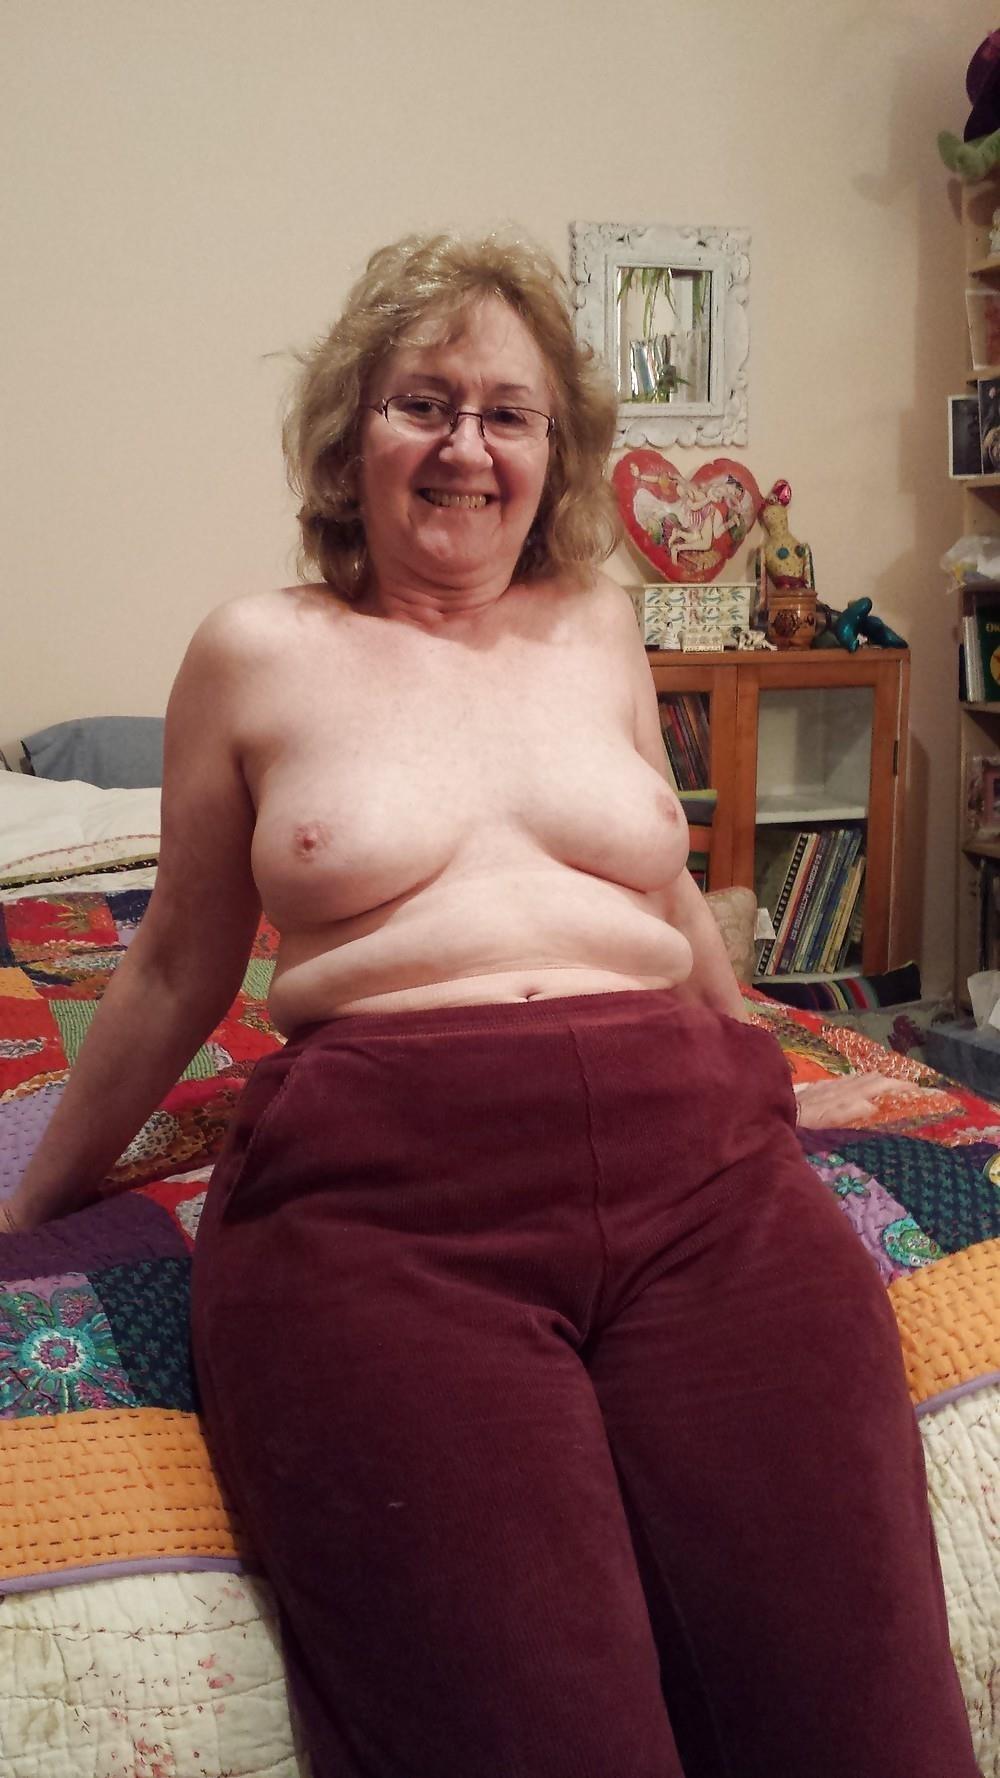 Chubby granny nude pics-5747